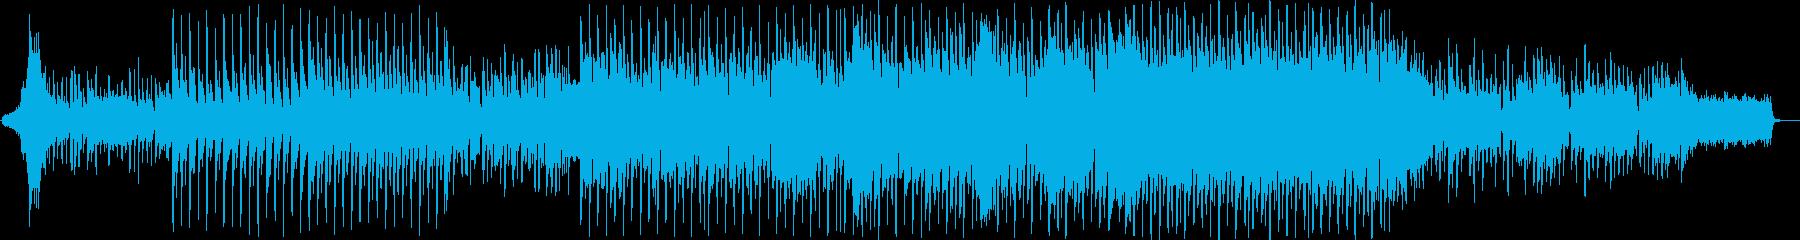 弾けるような明るいポップミュージックの再生済みの波形